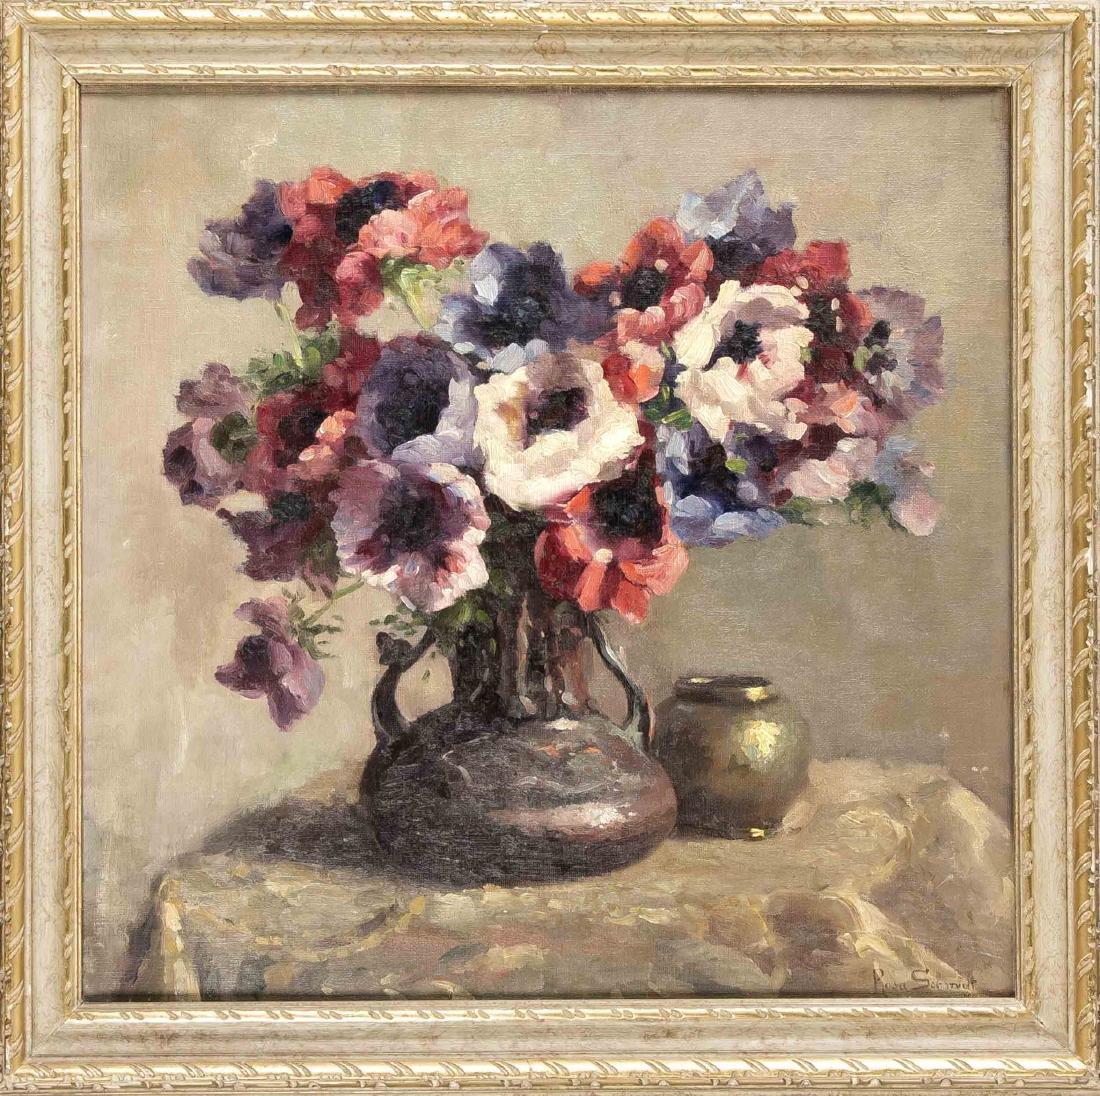 Rosa Schmidt (1880-?), in Triest ansässige Landschafts-